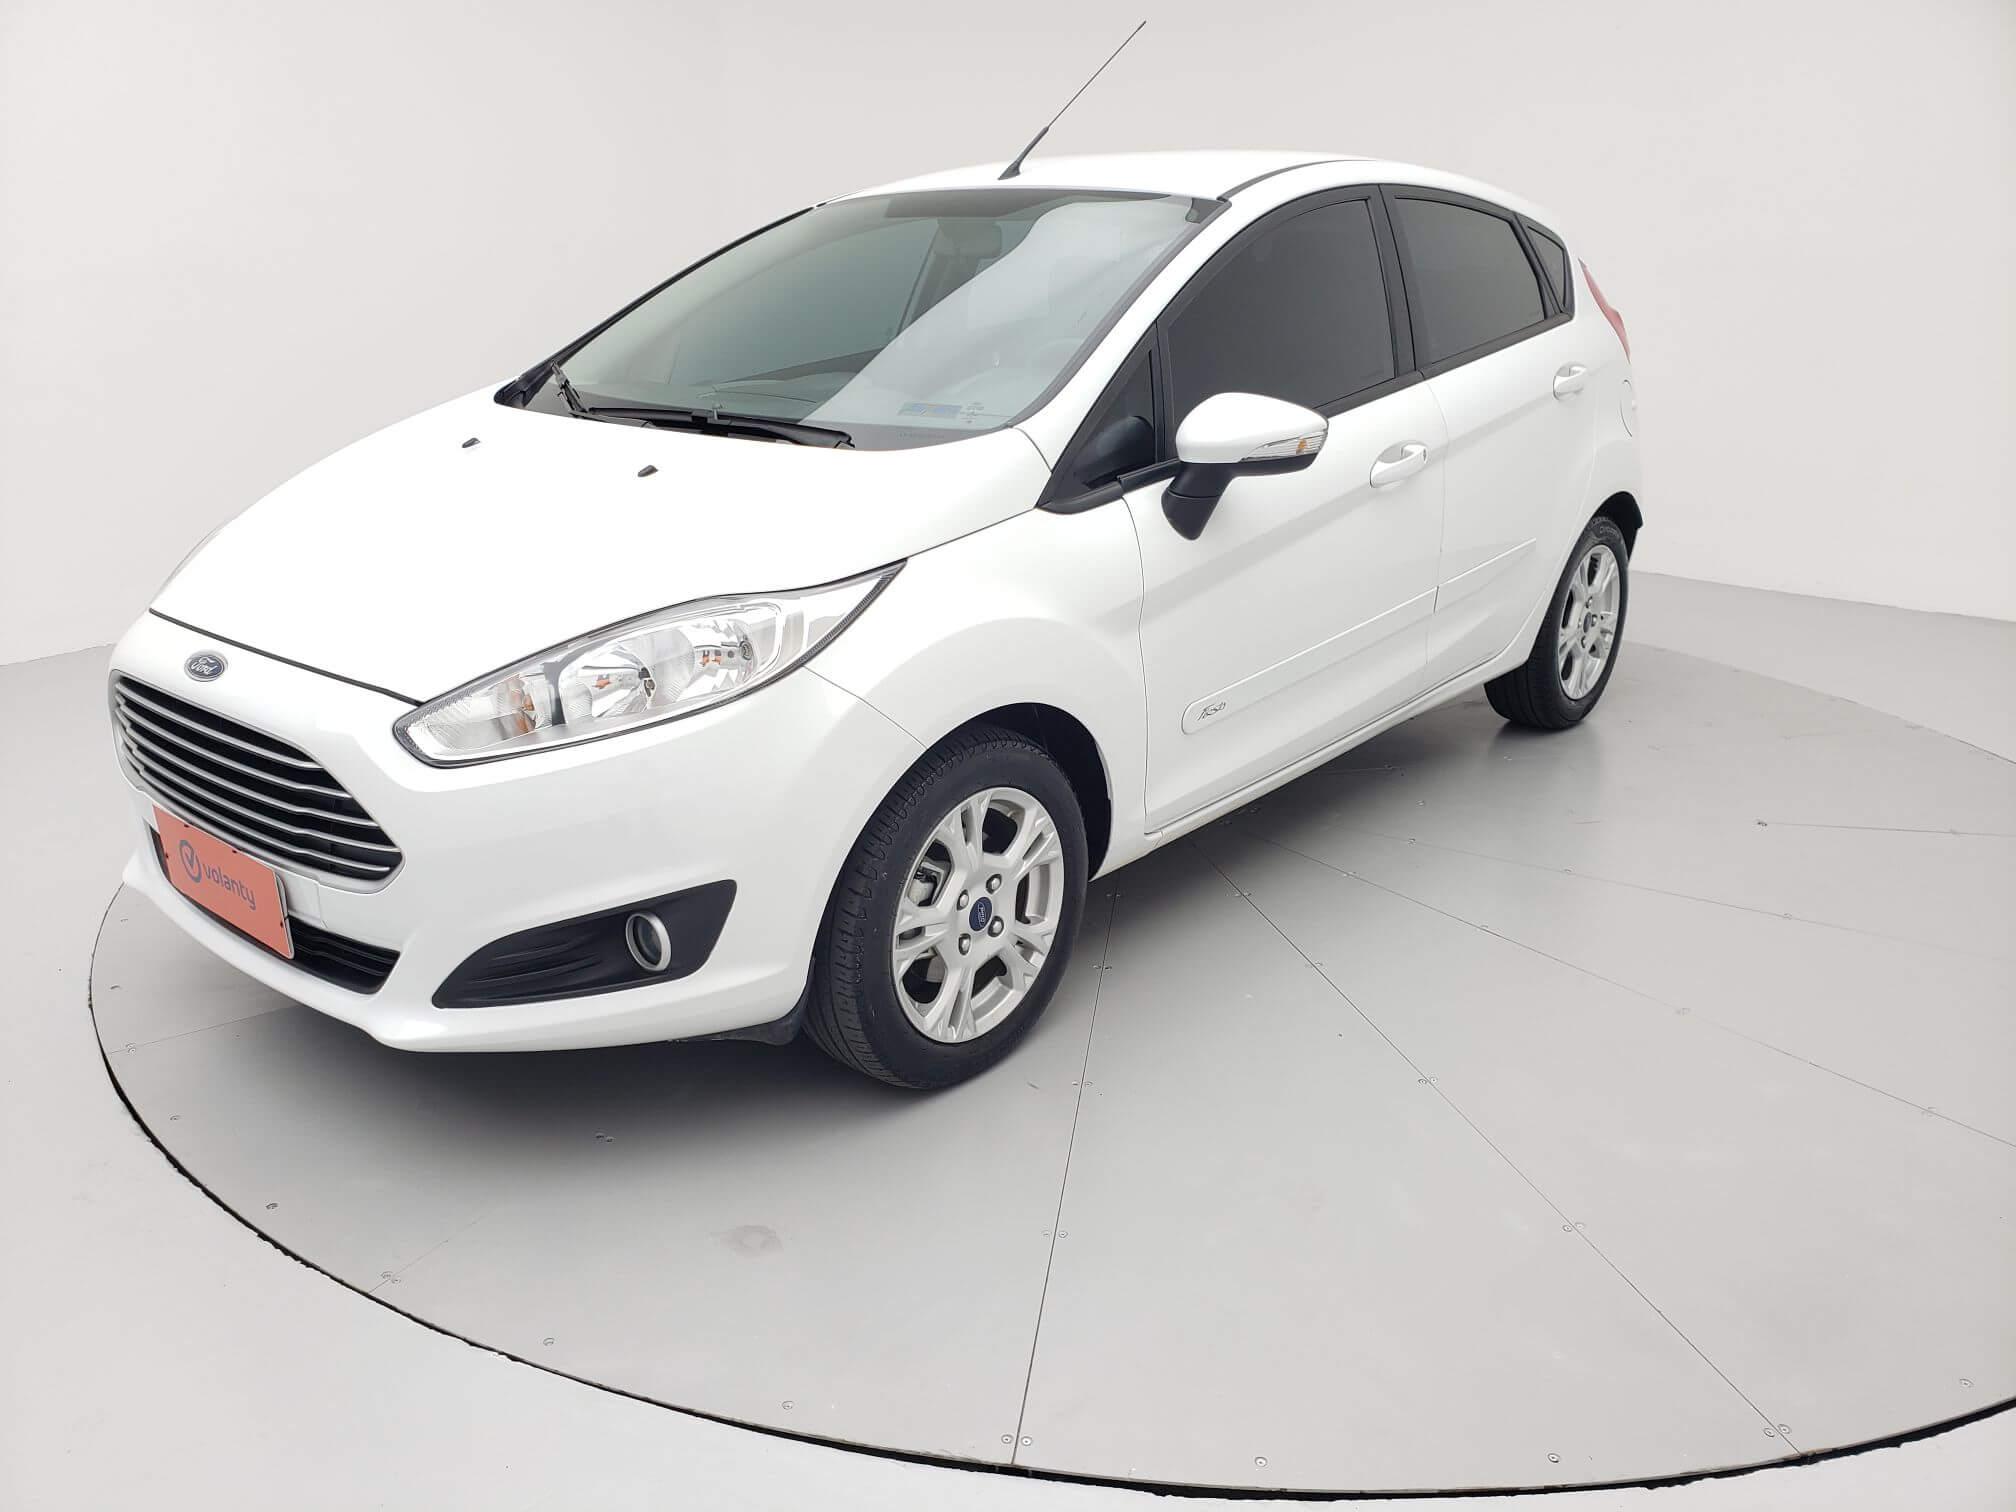 Imagem do Ford Fiesta